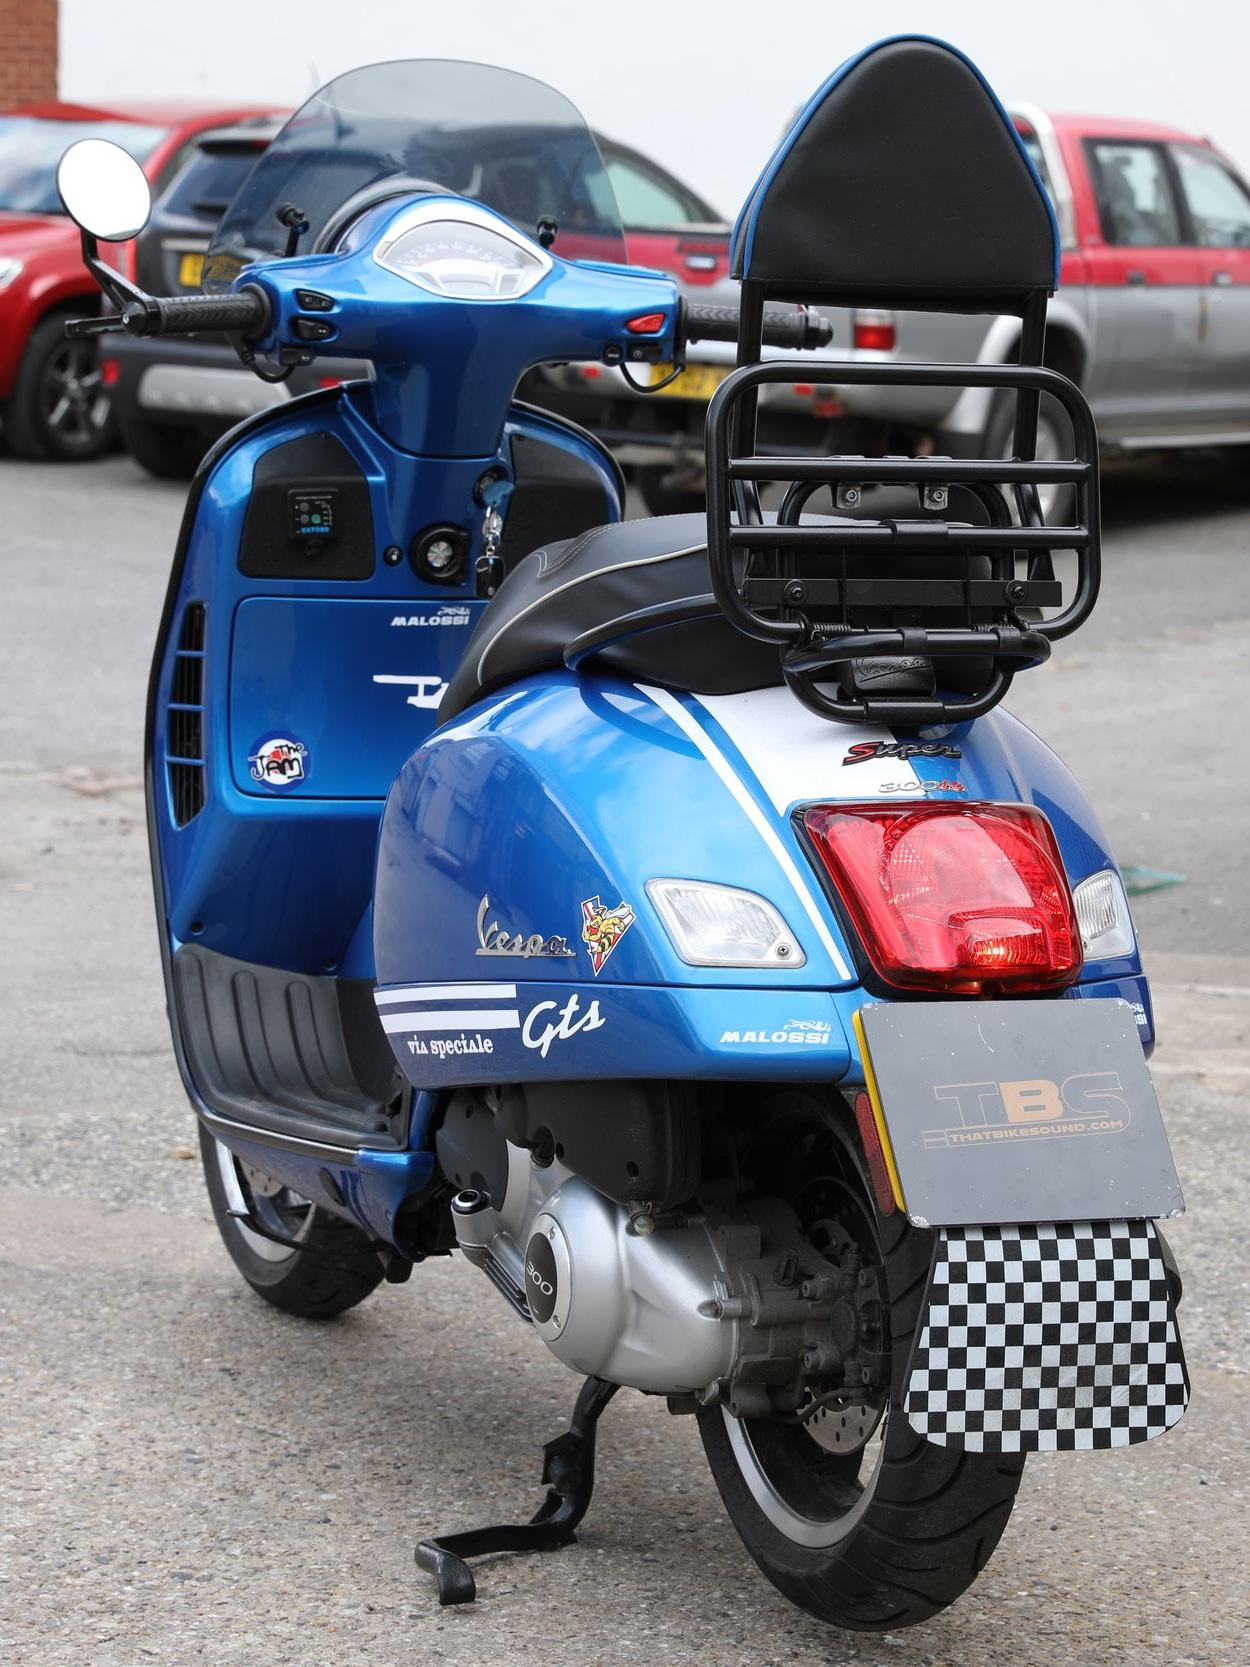 PIAGGIO VESPA GTS300 (2009-ON) AKRAPOVIC SLIP-ON